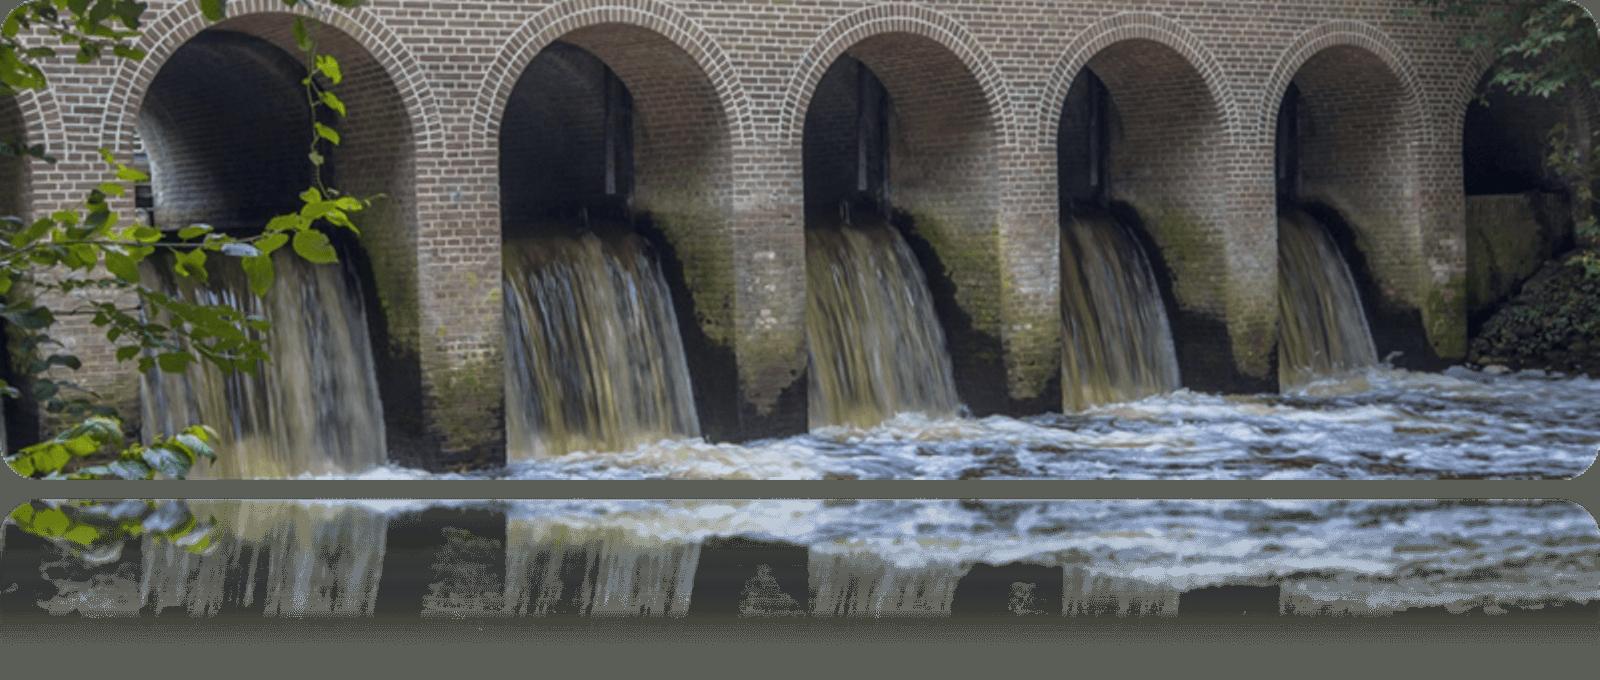 Liquiditätsmanagement - zaldor Mandat